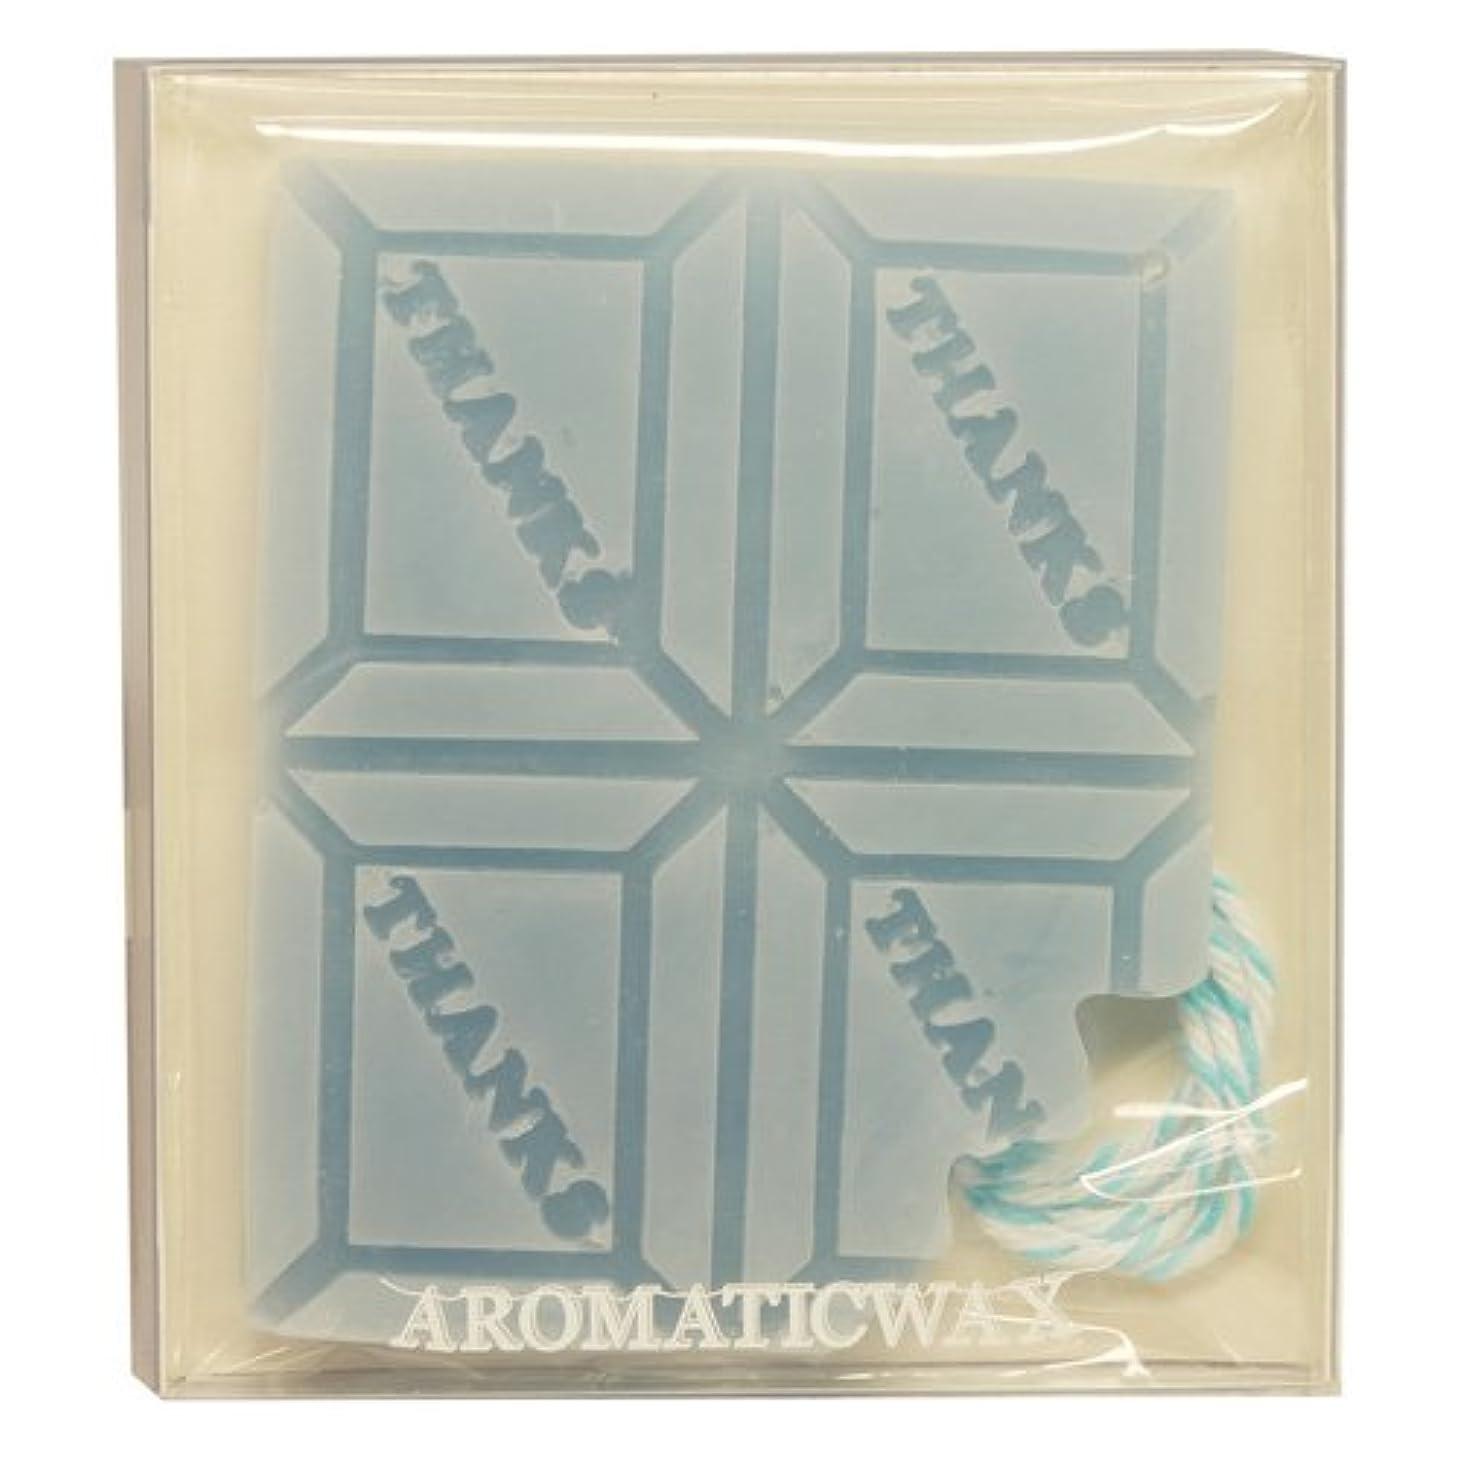 乱用うねる普通にGRASSE TOKYO AROMATICWAXチャーム「板チョコ(THANKS)」(BL) ローズマリー アロマティックワックス グラーストウキョウ